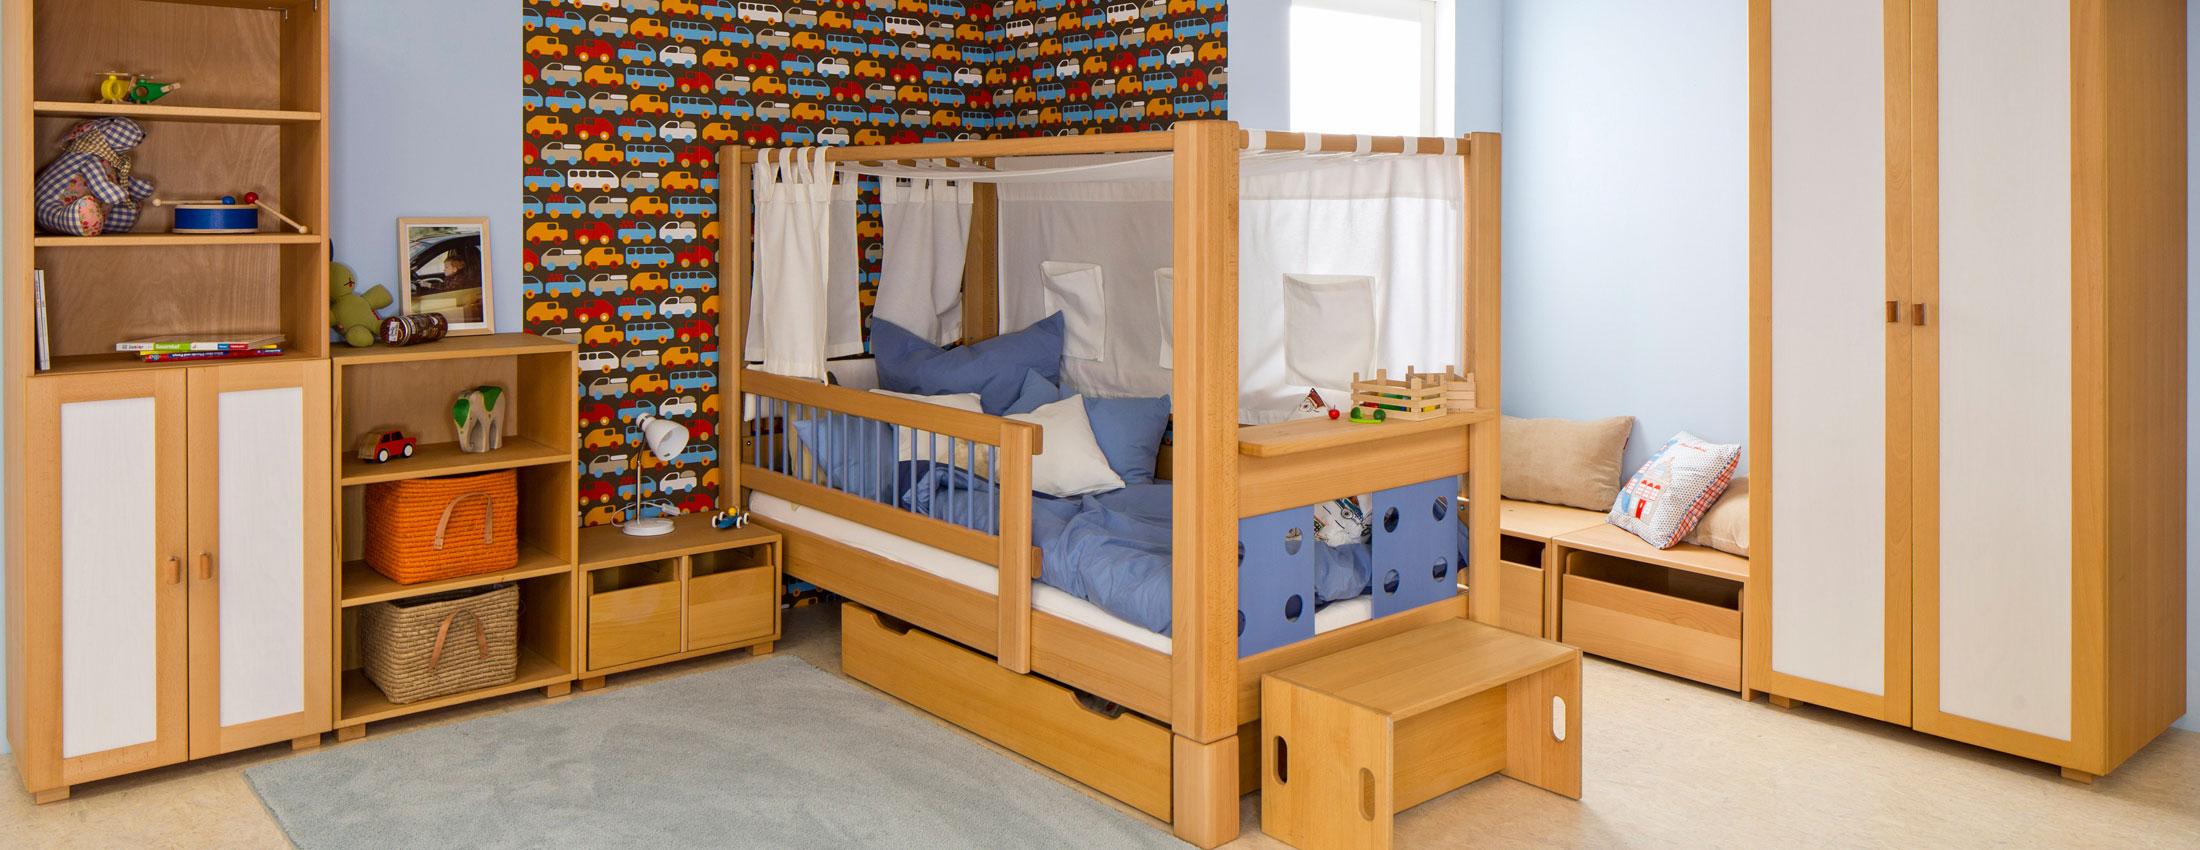 Full Size of Kinderzimmer Massivholz Bett 180x200 Massivholzküche Esstisch Regale Regal Betten Schlafzimmer Komplett Esstische Ausziehbar Sofa Kinderzimmer Kinderzimmer Massivholz